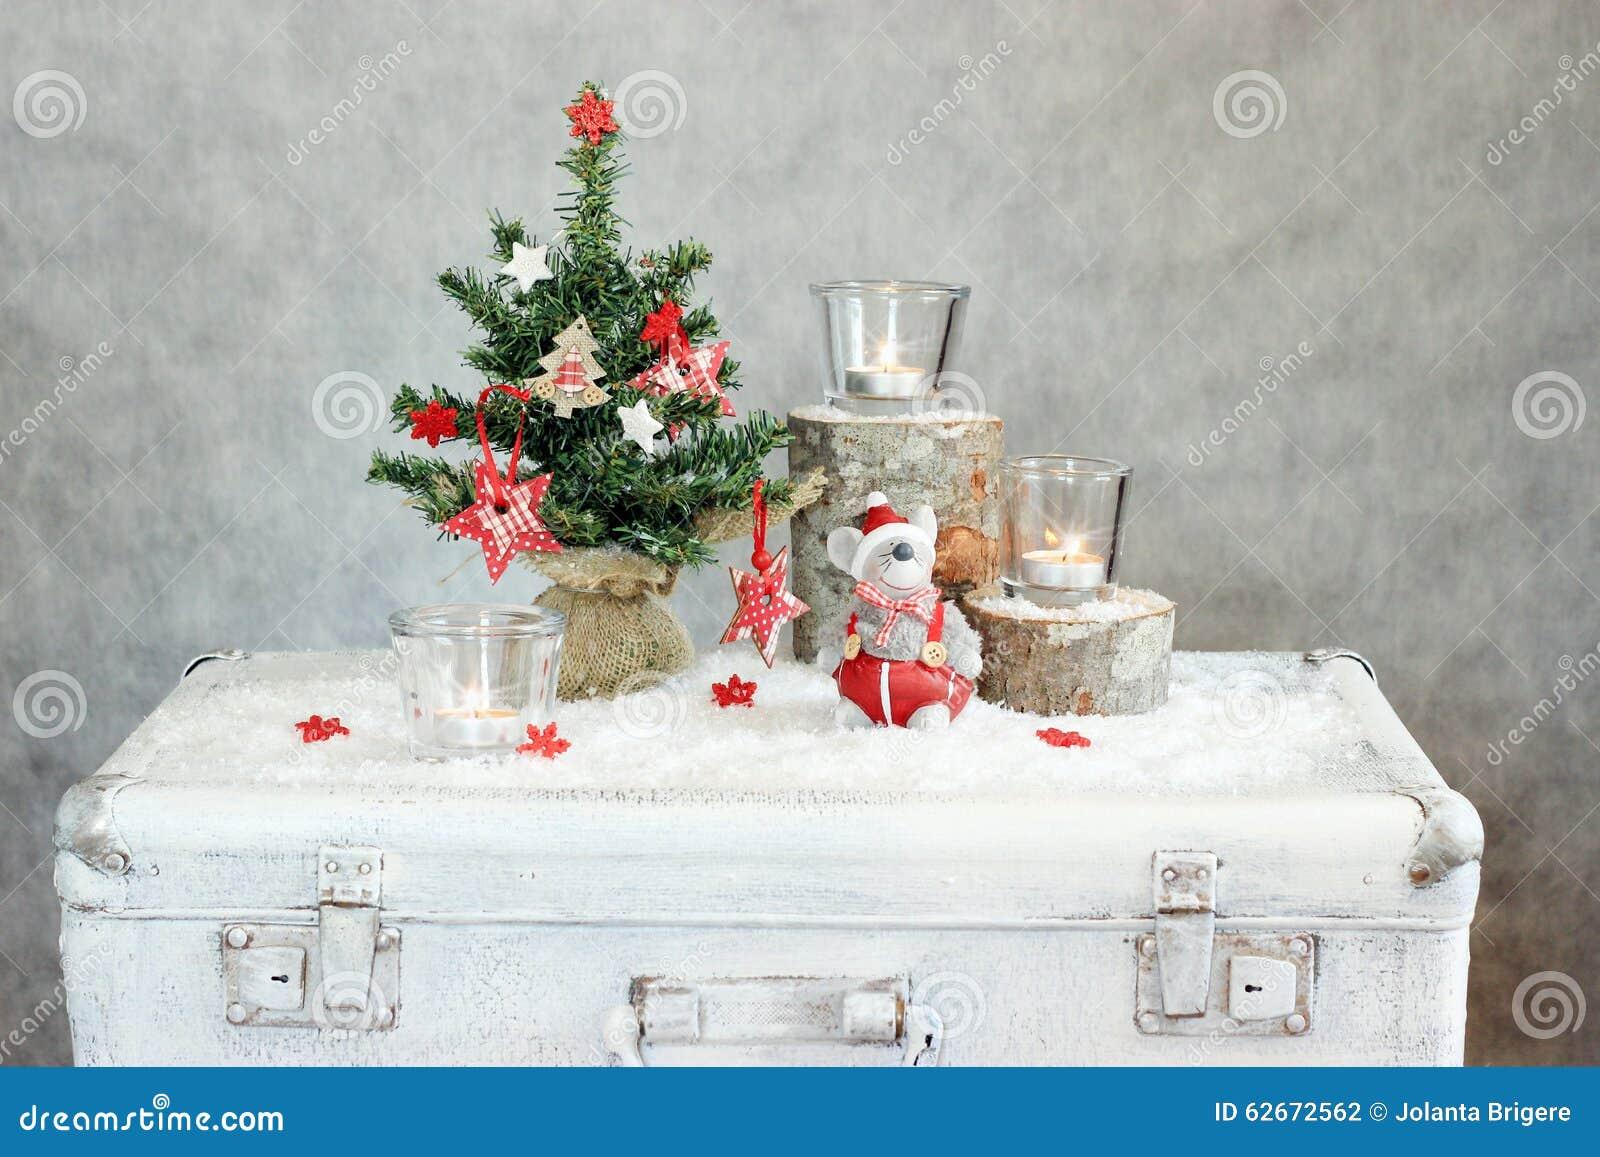 Fondo gris de la Navidad con las velas y el árbol